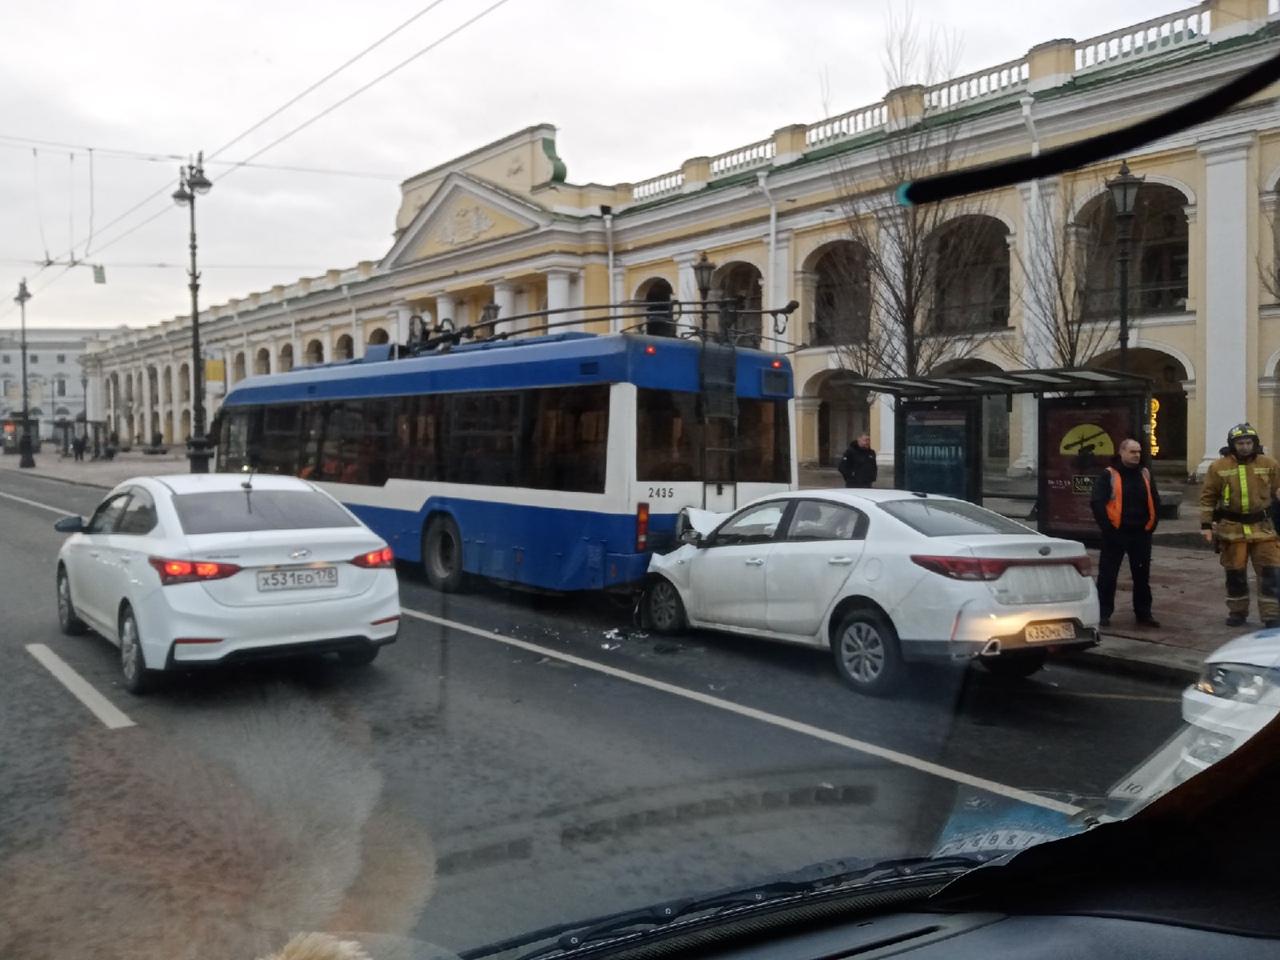 Киа влетел в троллейбус на Невском у Гостиного двора